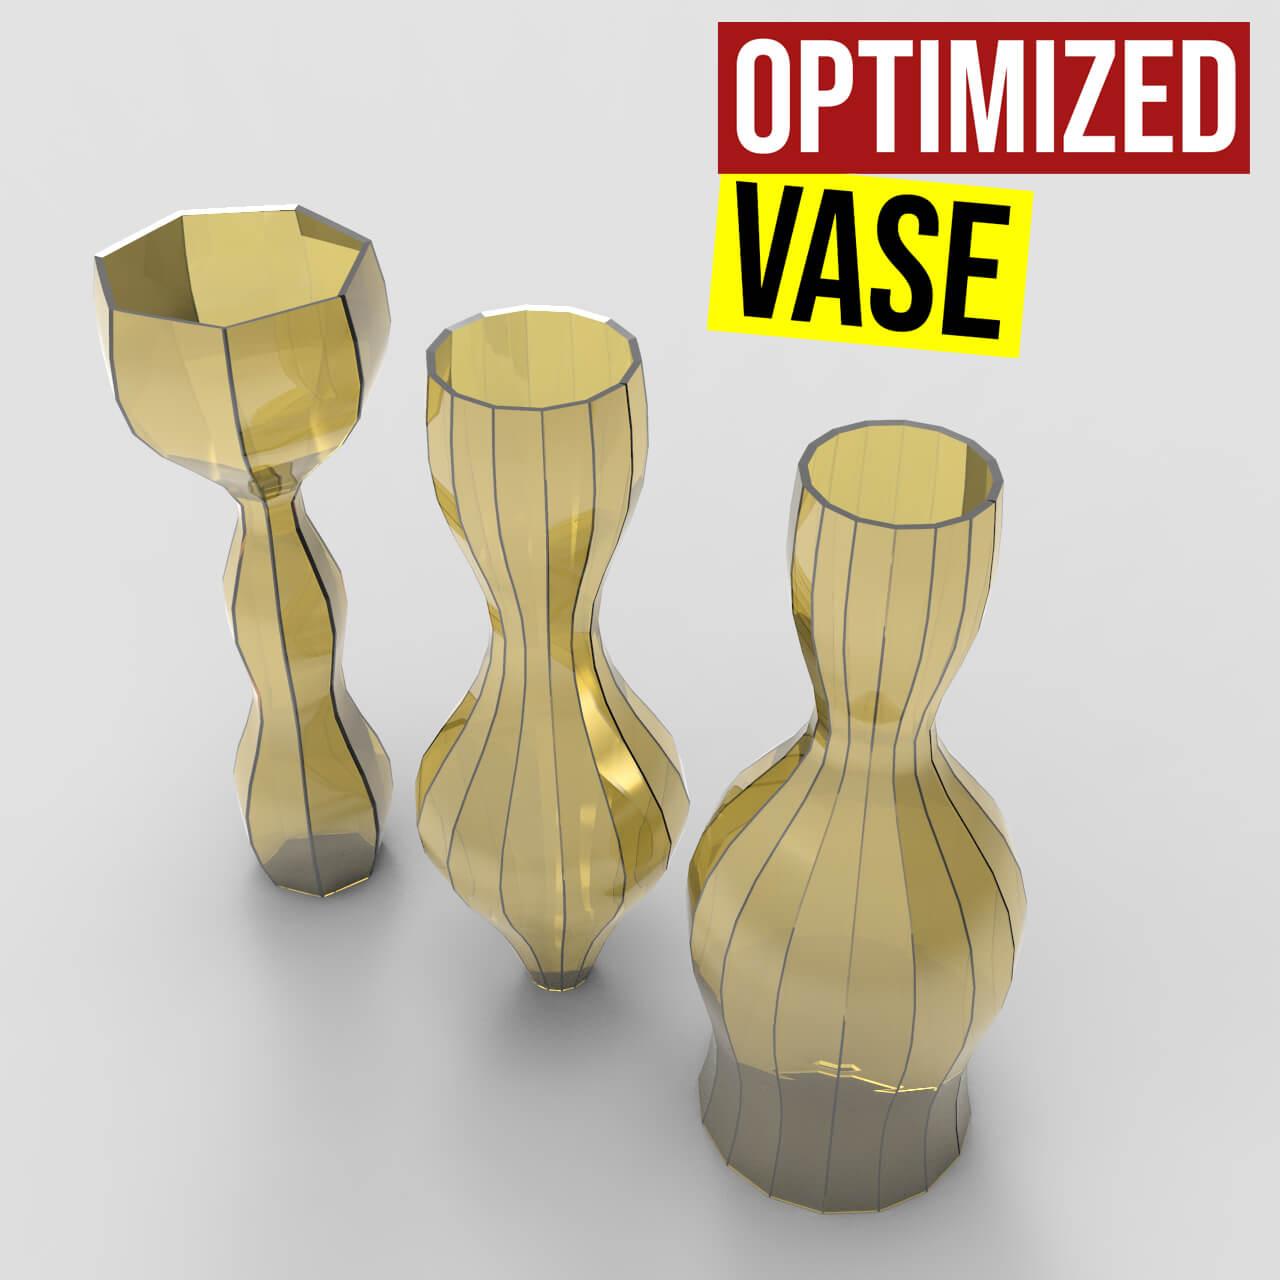 optimized vase1280